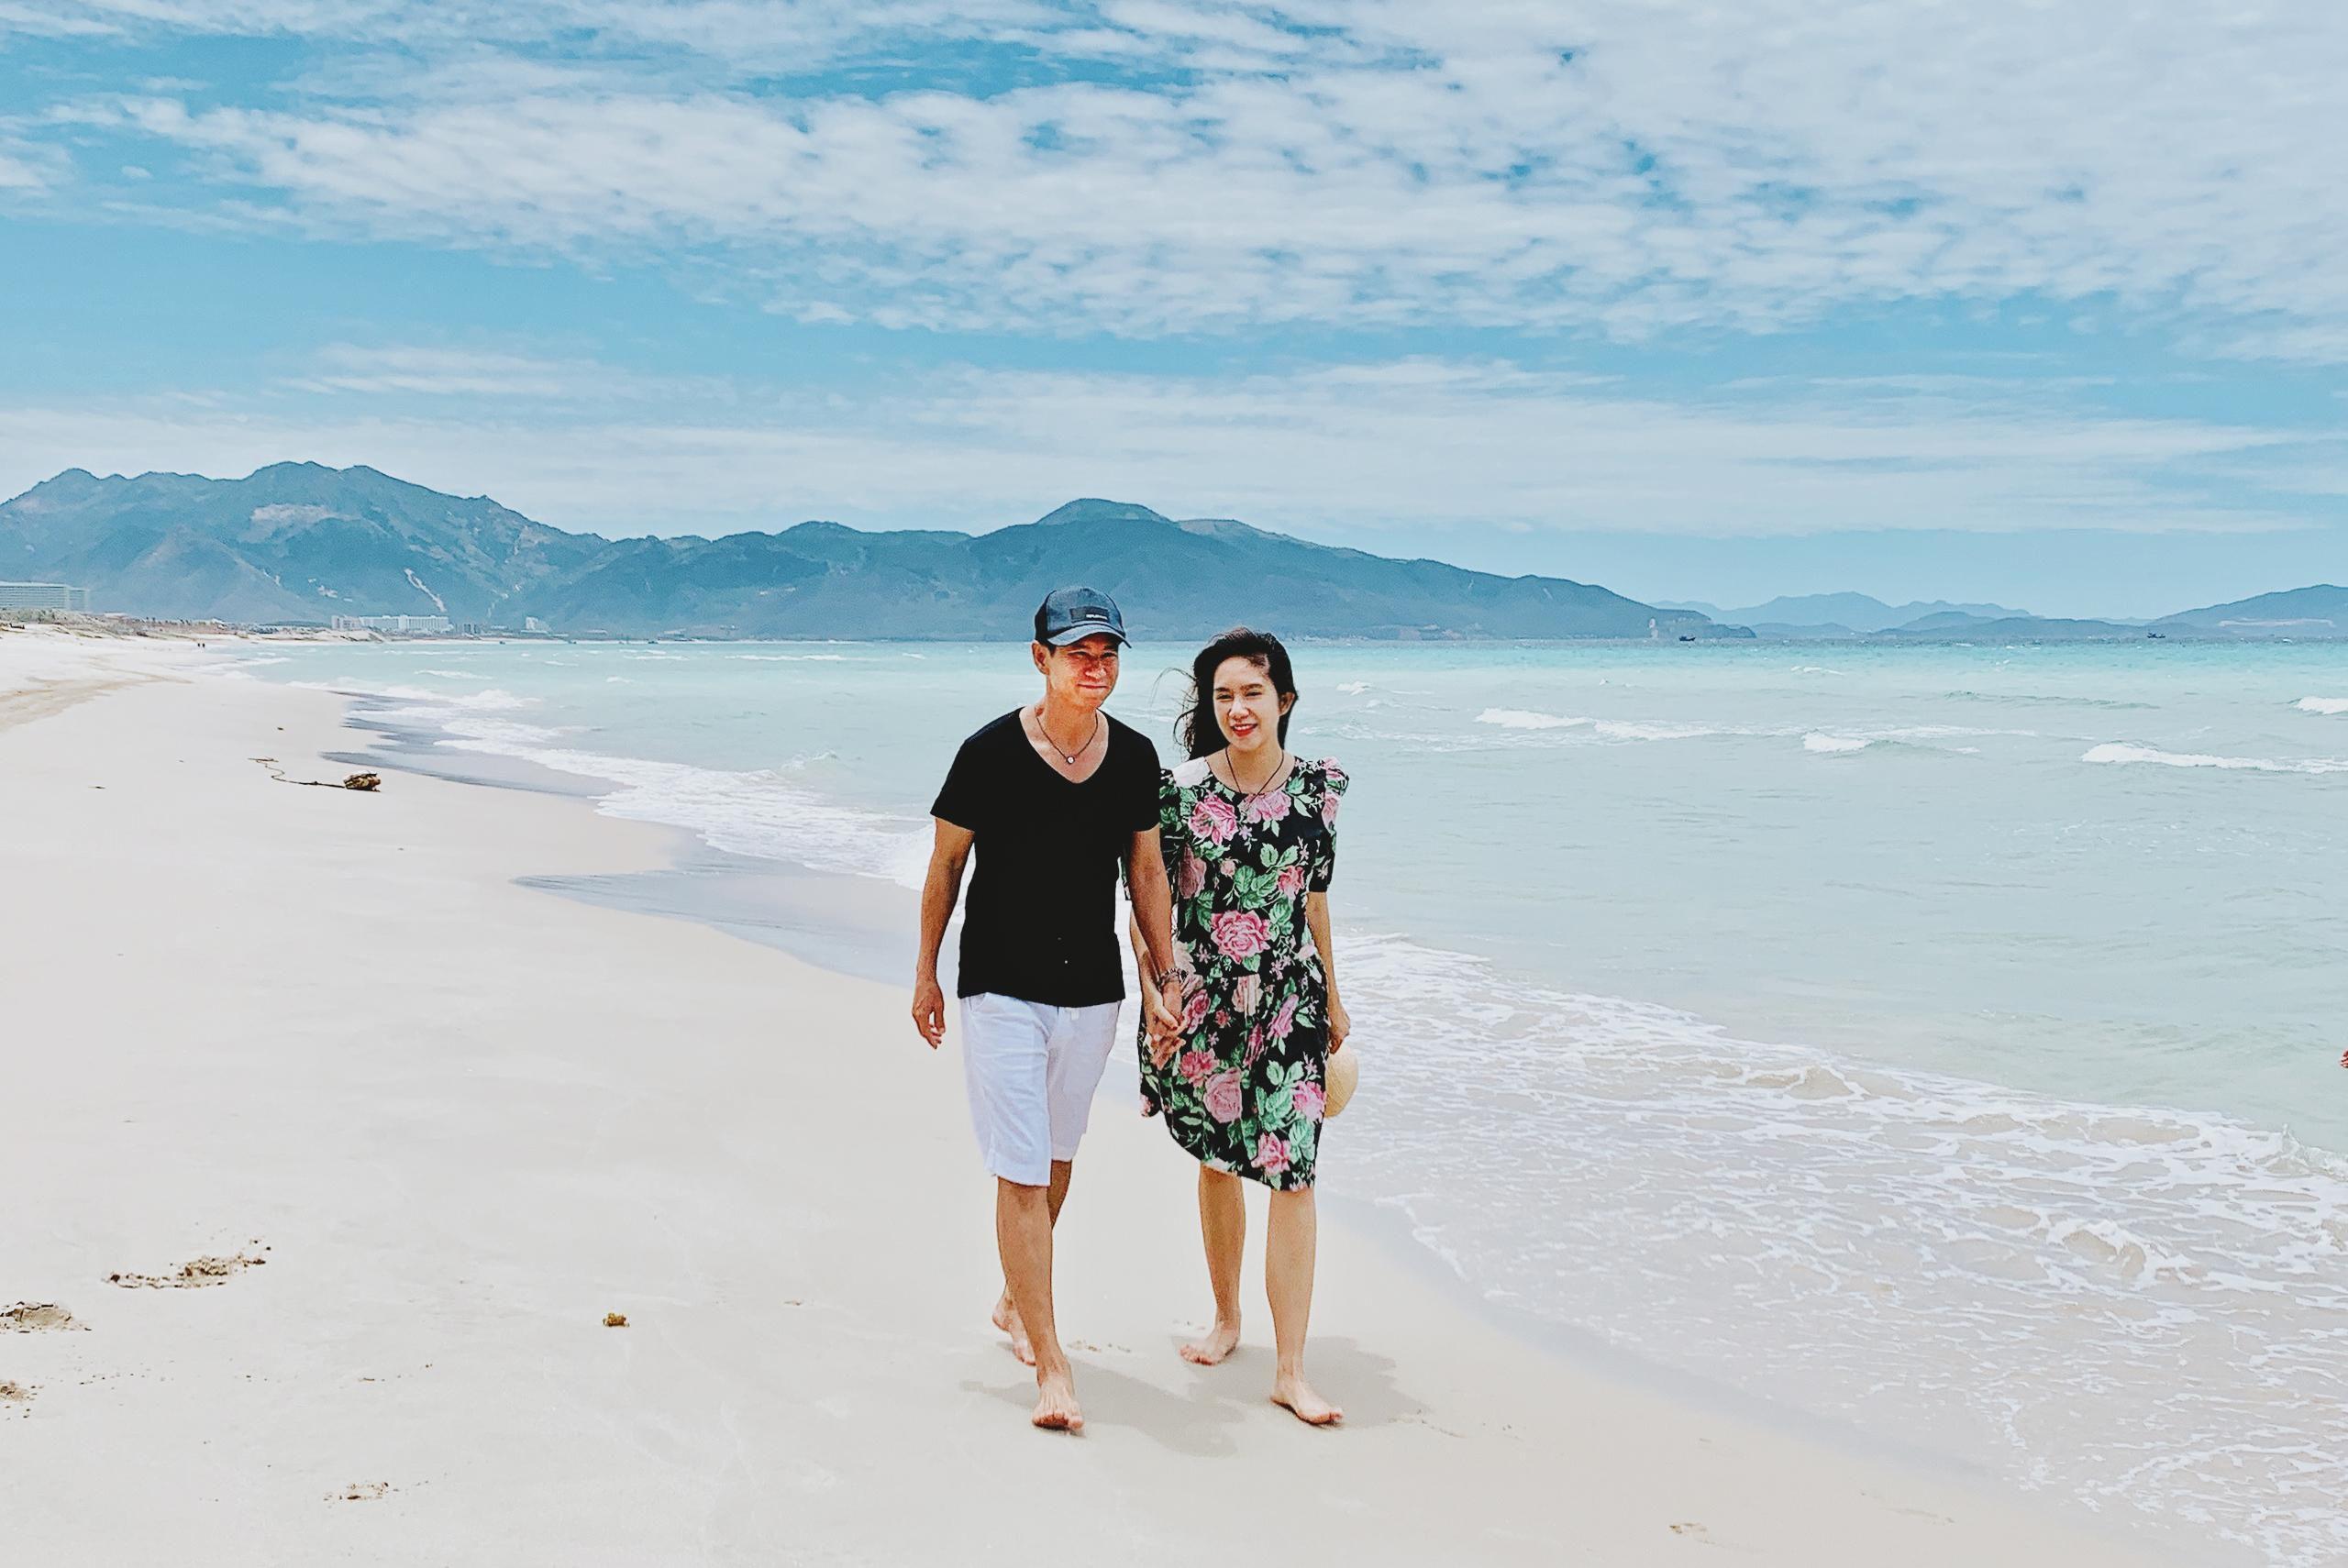 Lý Hải tình tứ nắm tay vợ dạo biển Ảnh 1